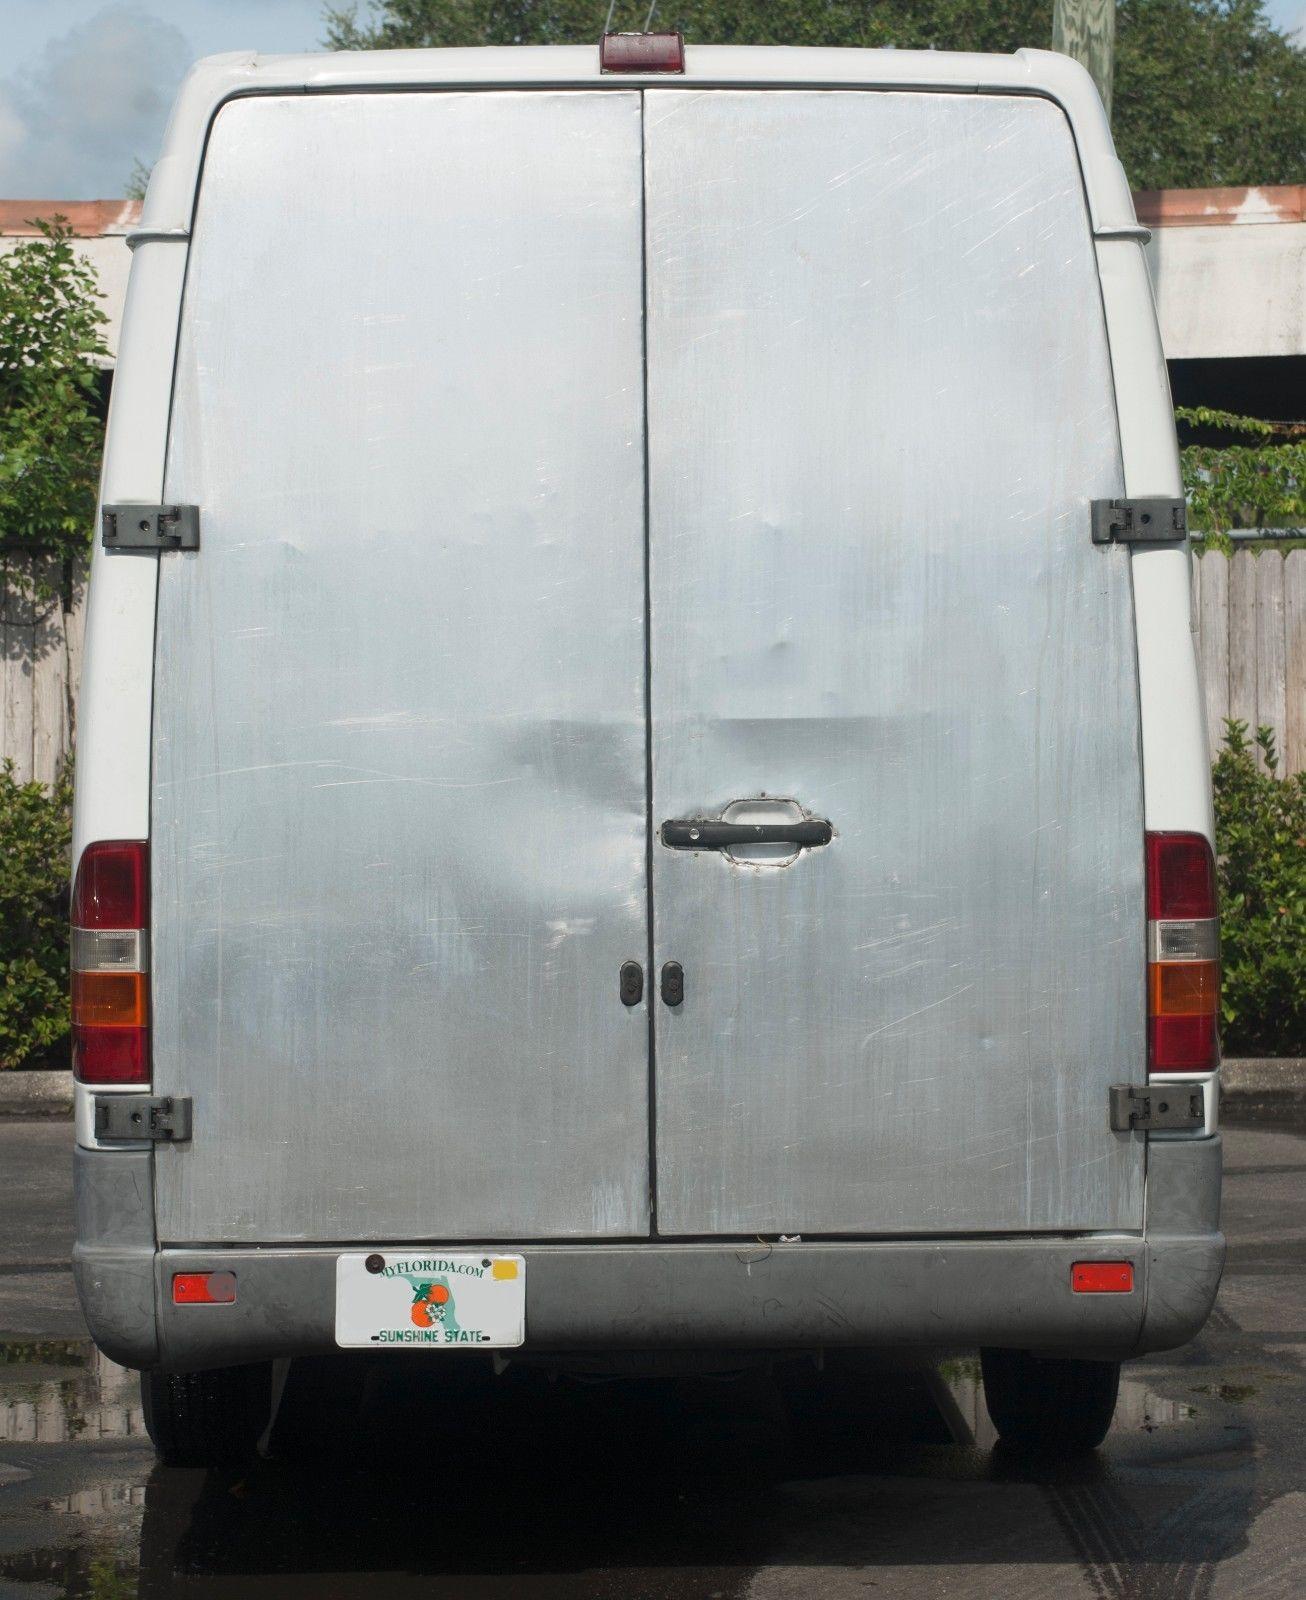 Used Roadtrek Vans – Jerusalem House